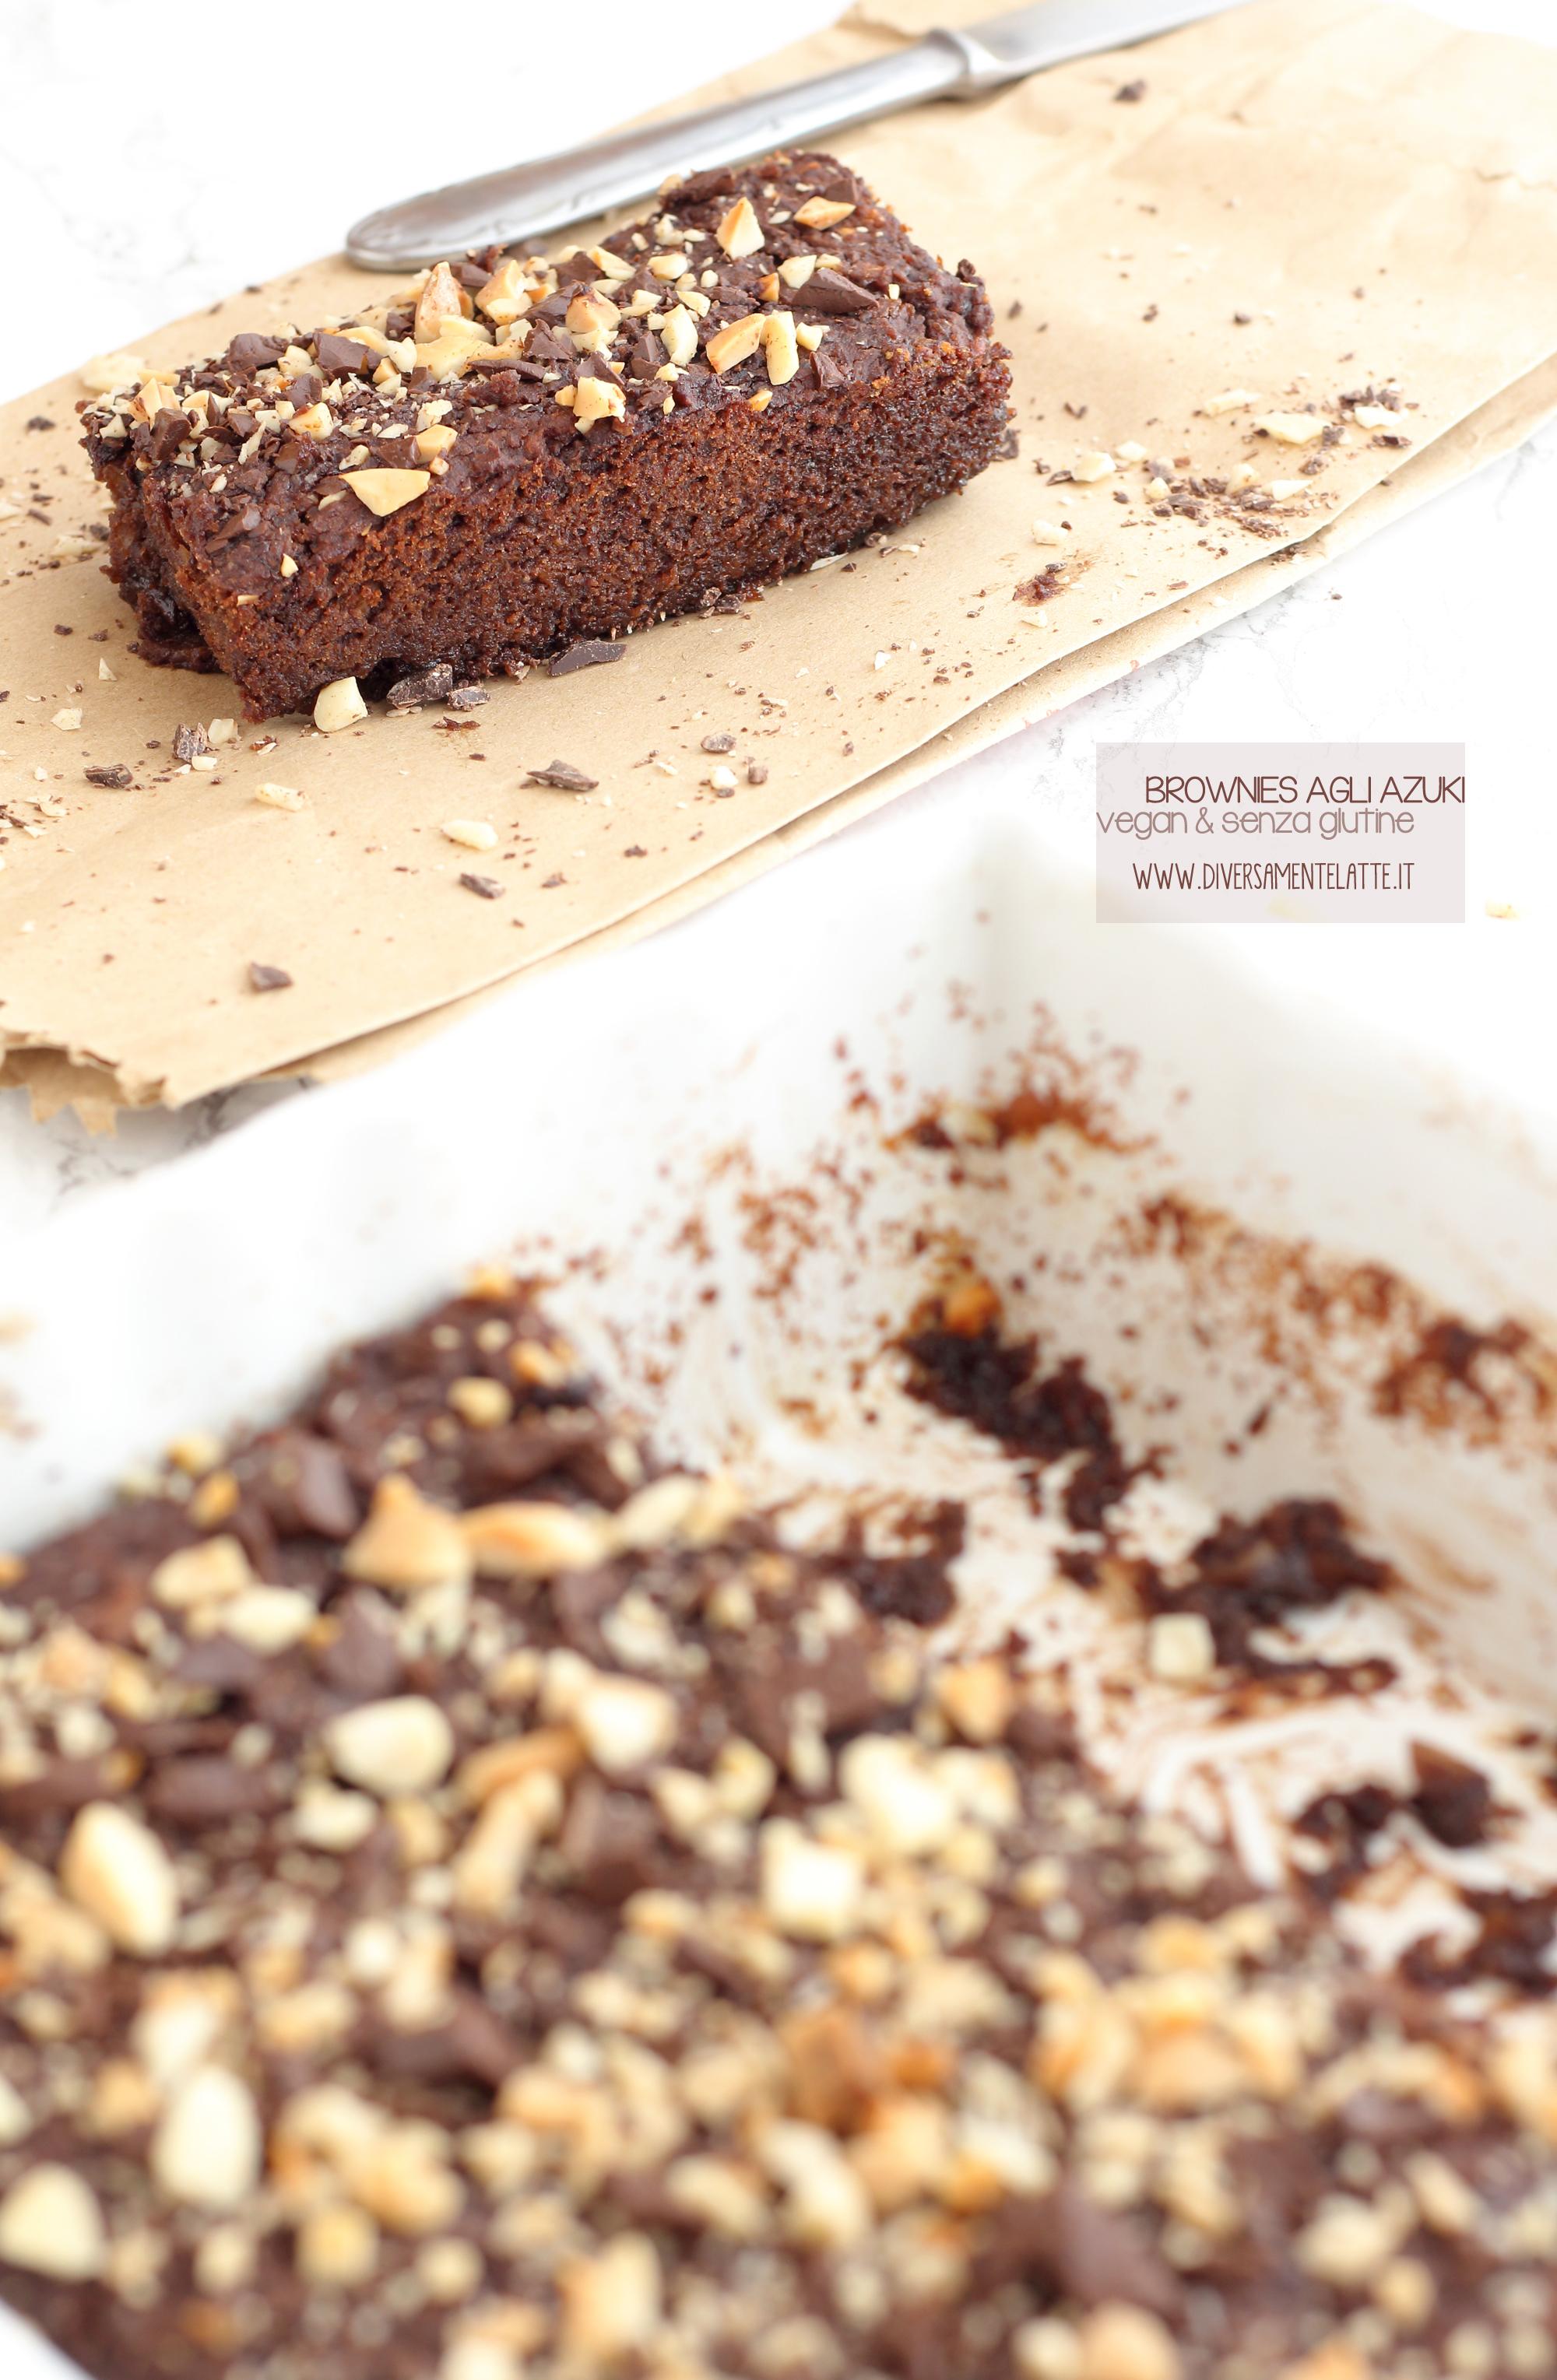 brownies vegan senza glutine